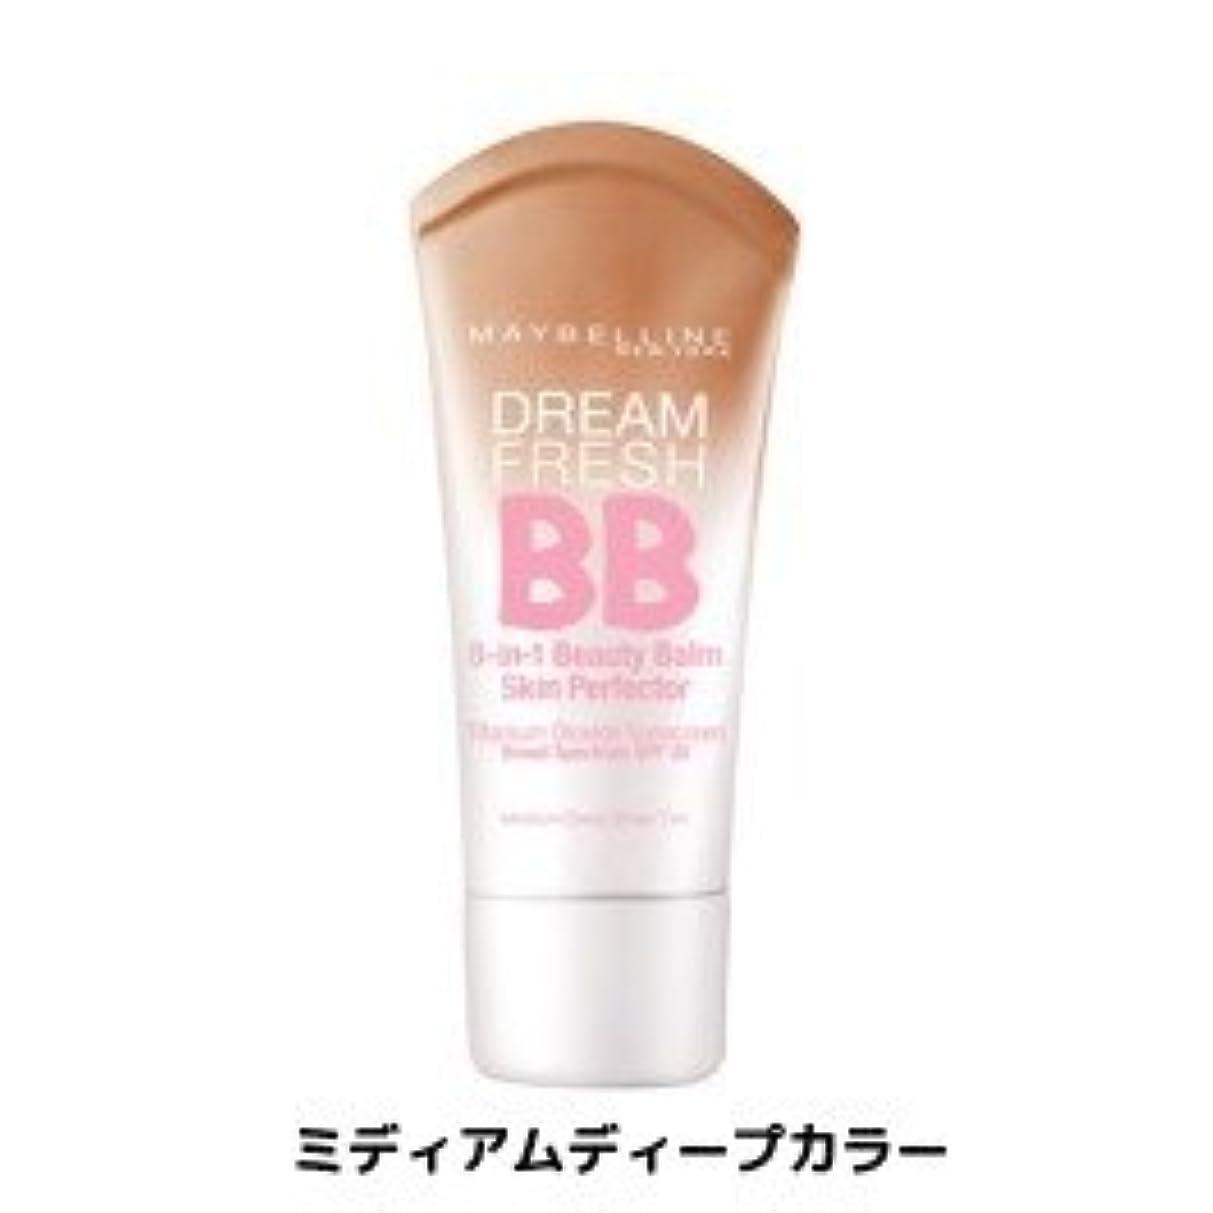 韓国うめききちんとしたメイベリン BBクリーム  SPF 30*Maybelline Dream Fresh BB Cream 30ml【平行輸入品】 (ミディアムディープカラー)